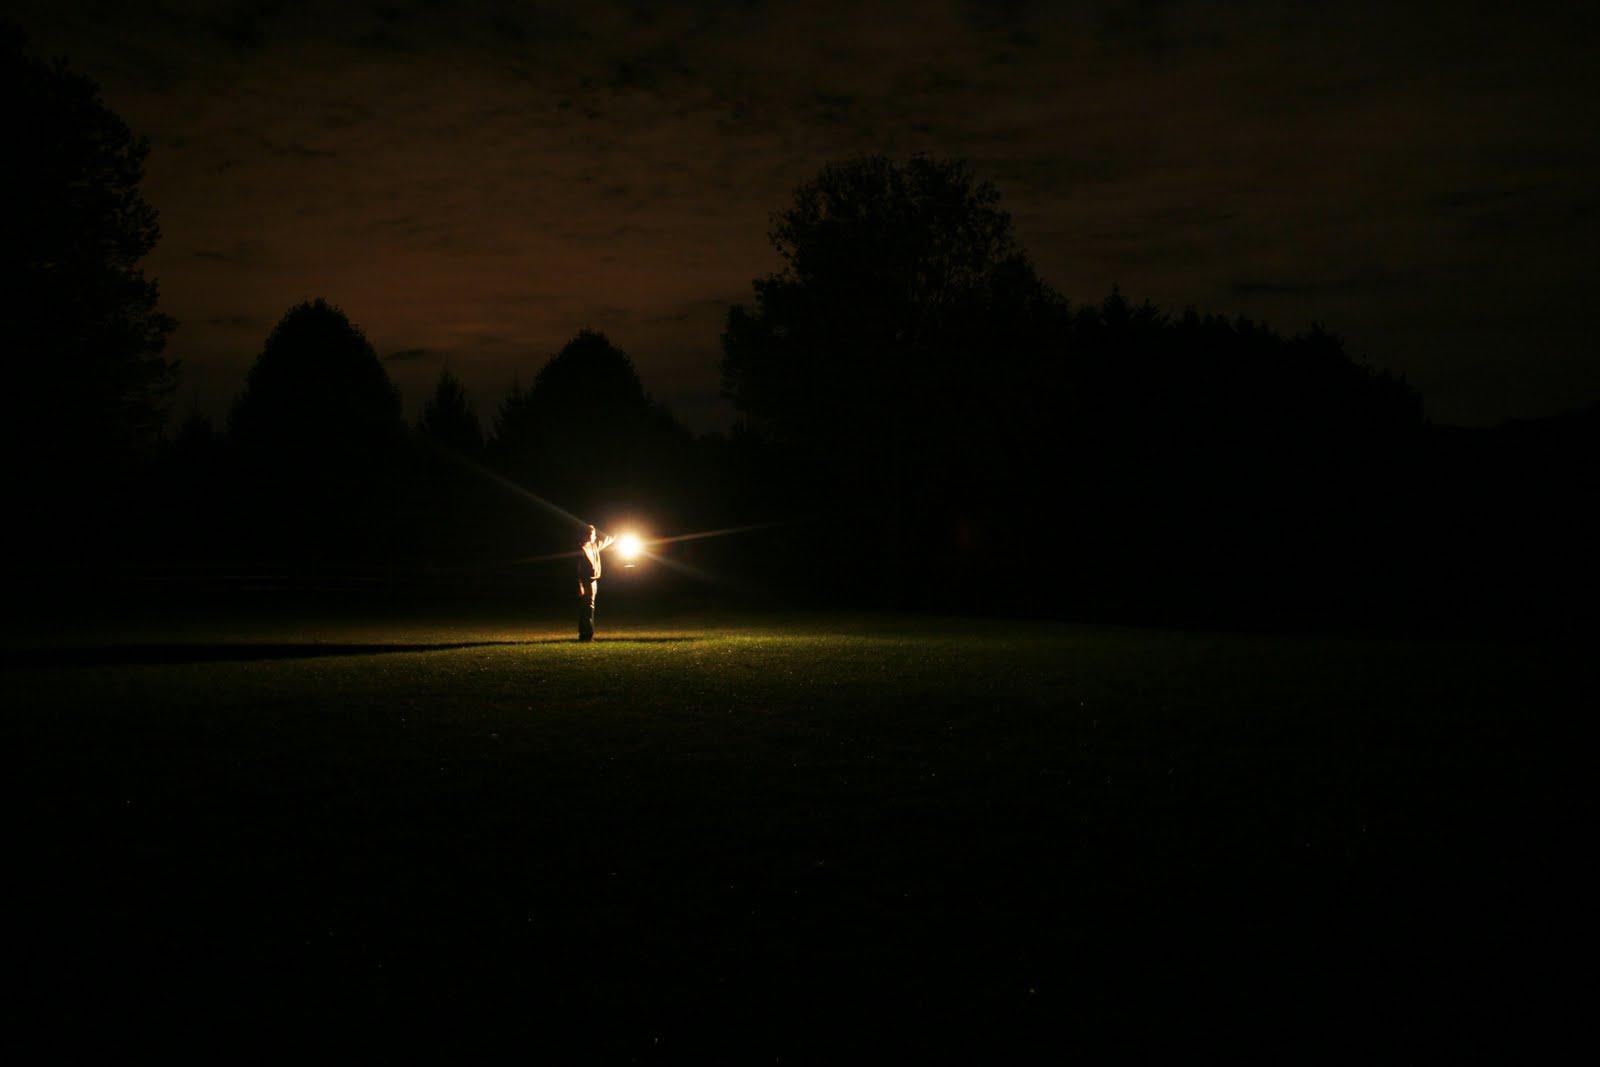 light_in_dark7